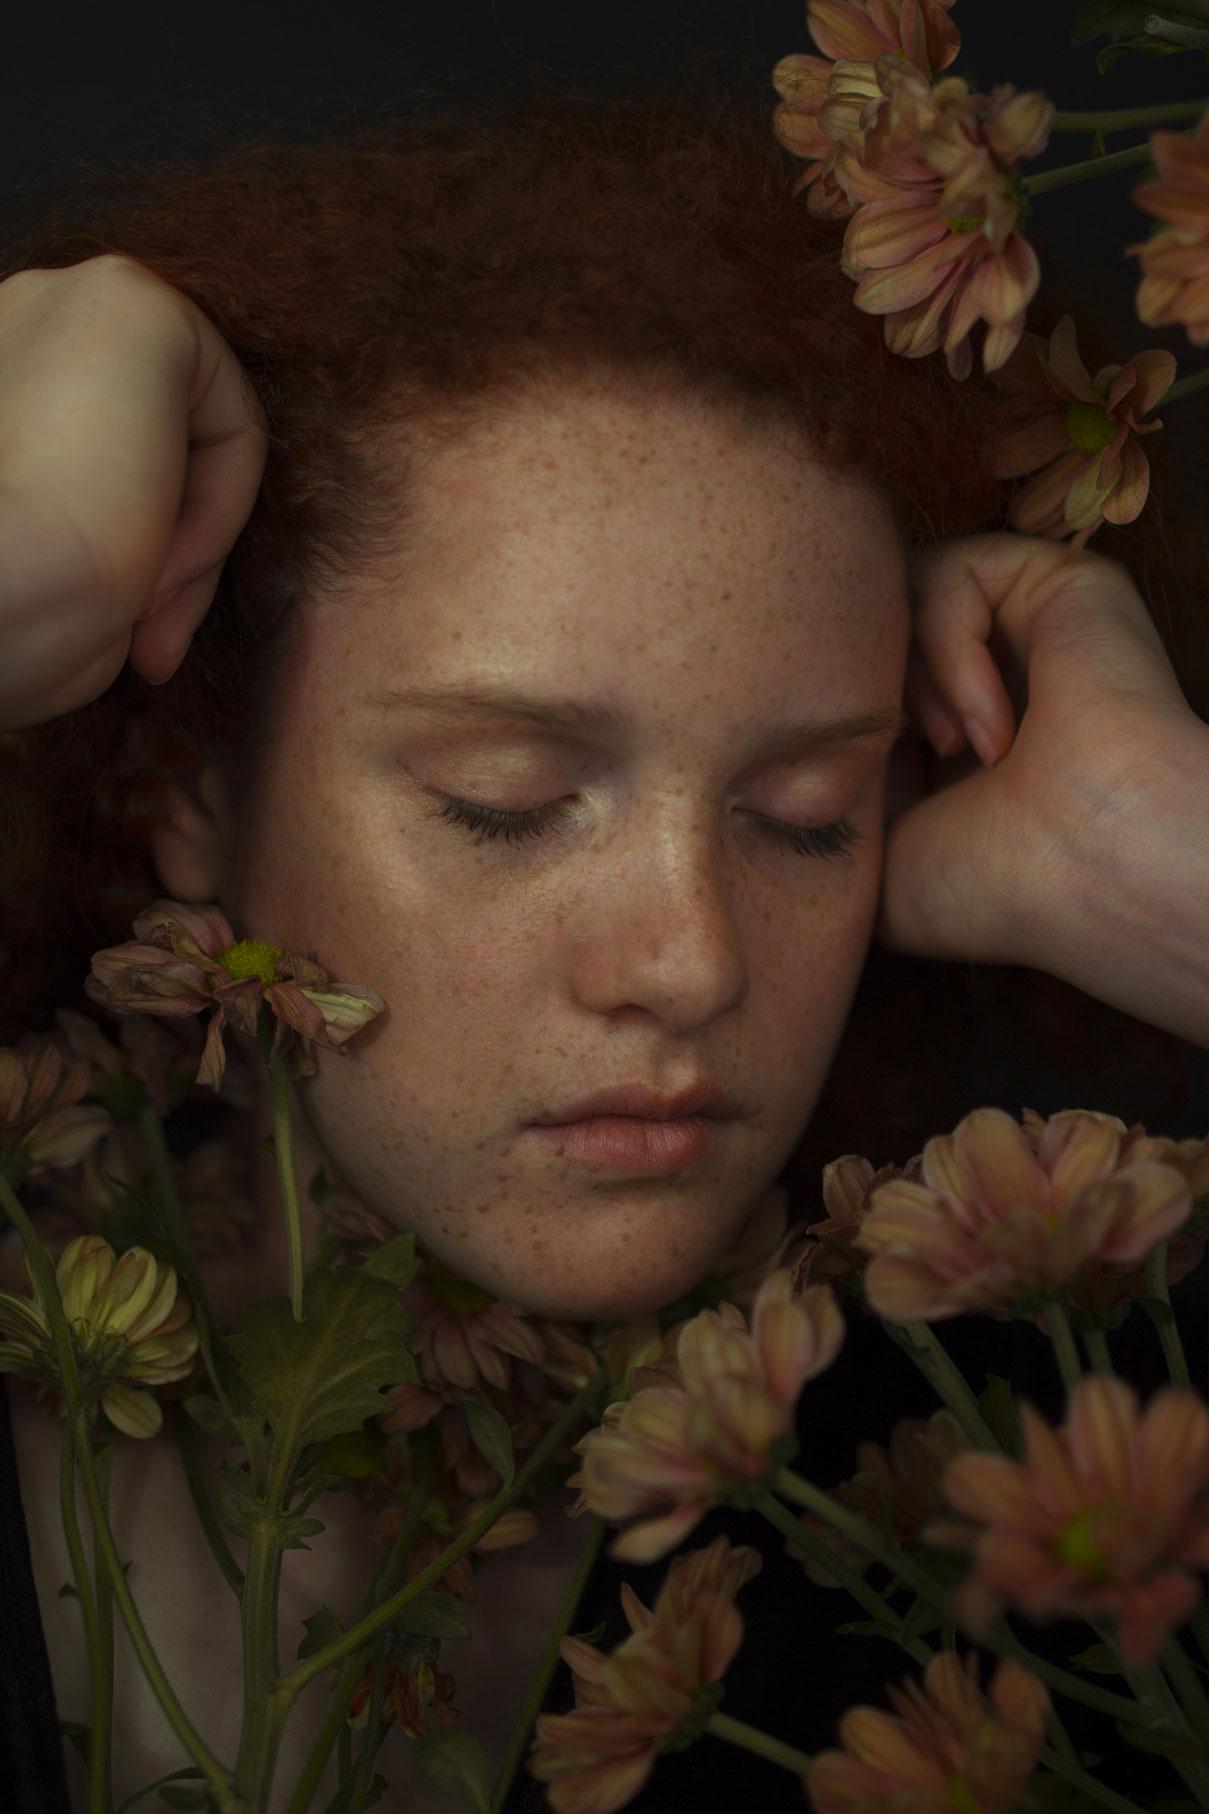 Photo de portrait d'une demoiselle rousse au milieu des fleures fermant les yeux